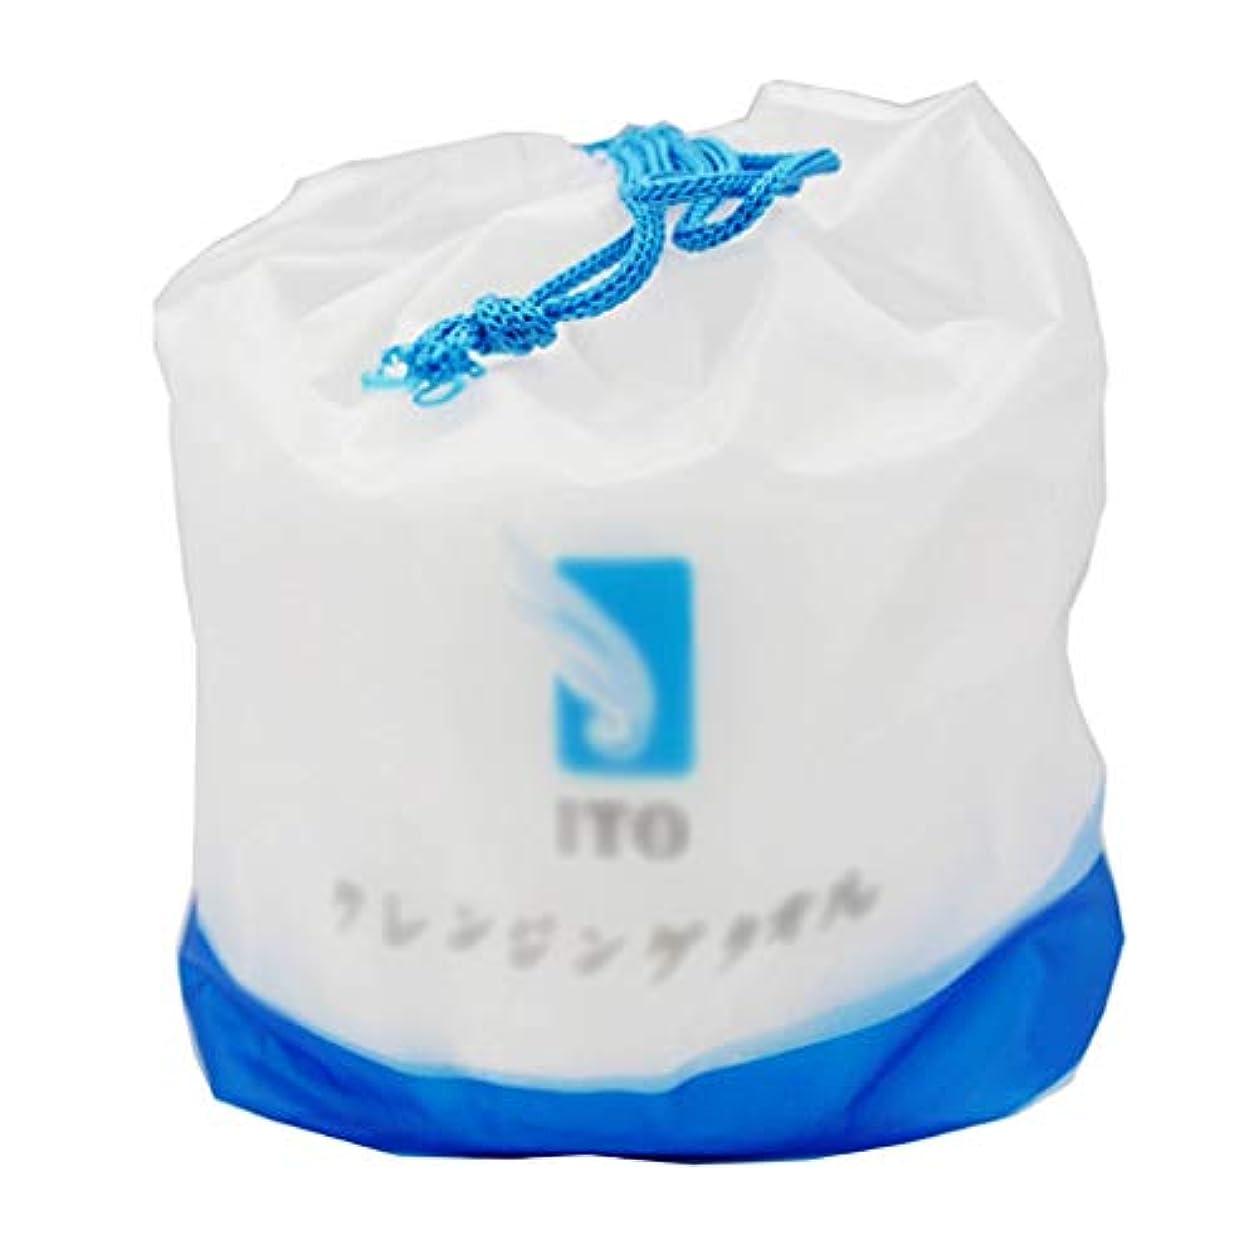 お勧め話をする恒久的クレンジングシート 綿美容フェイスタオル使い捨てクレンジングタオルタオルロール綿パッド女性の美容ツール多目的 (Color : White, サイズ : 20*25cm)